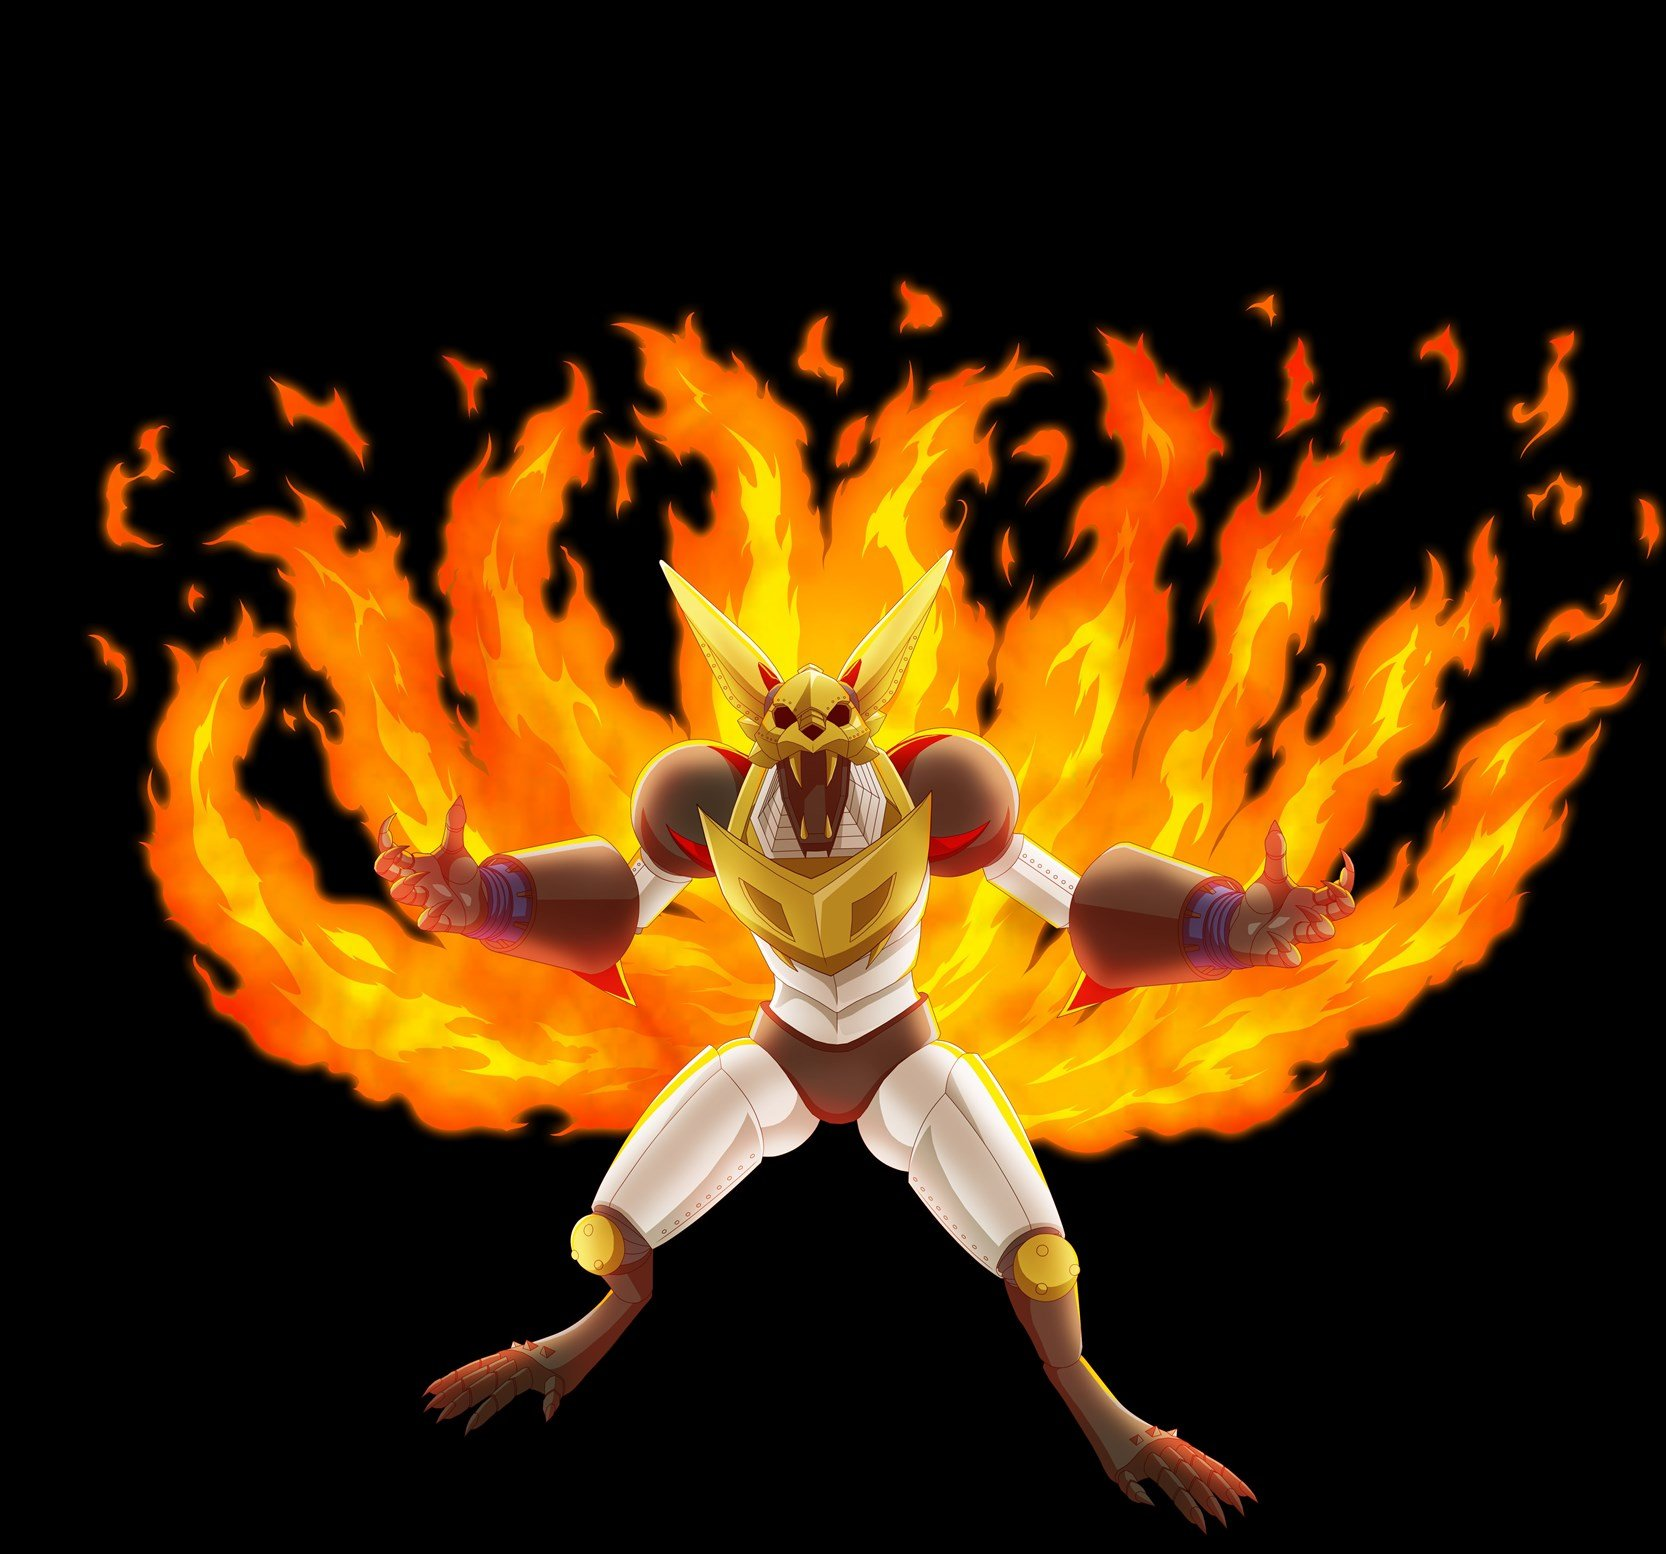 23/12/13 - Mecha Naruto 2